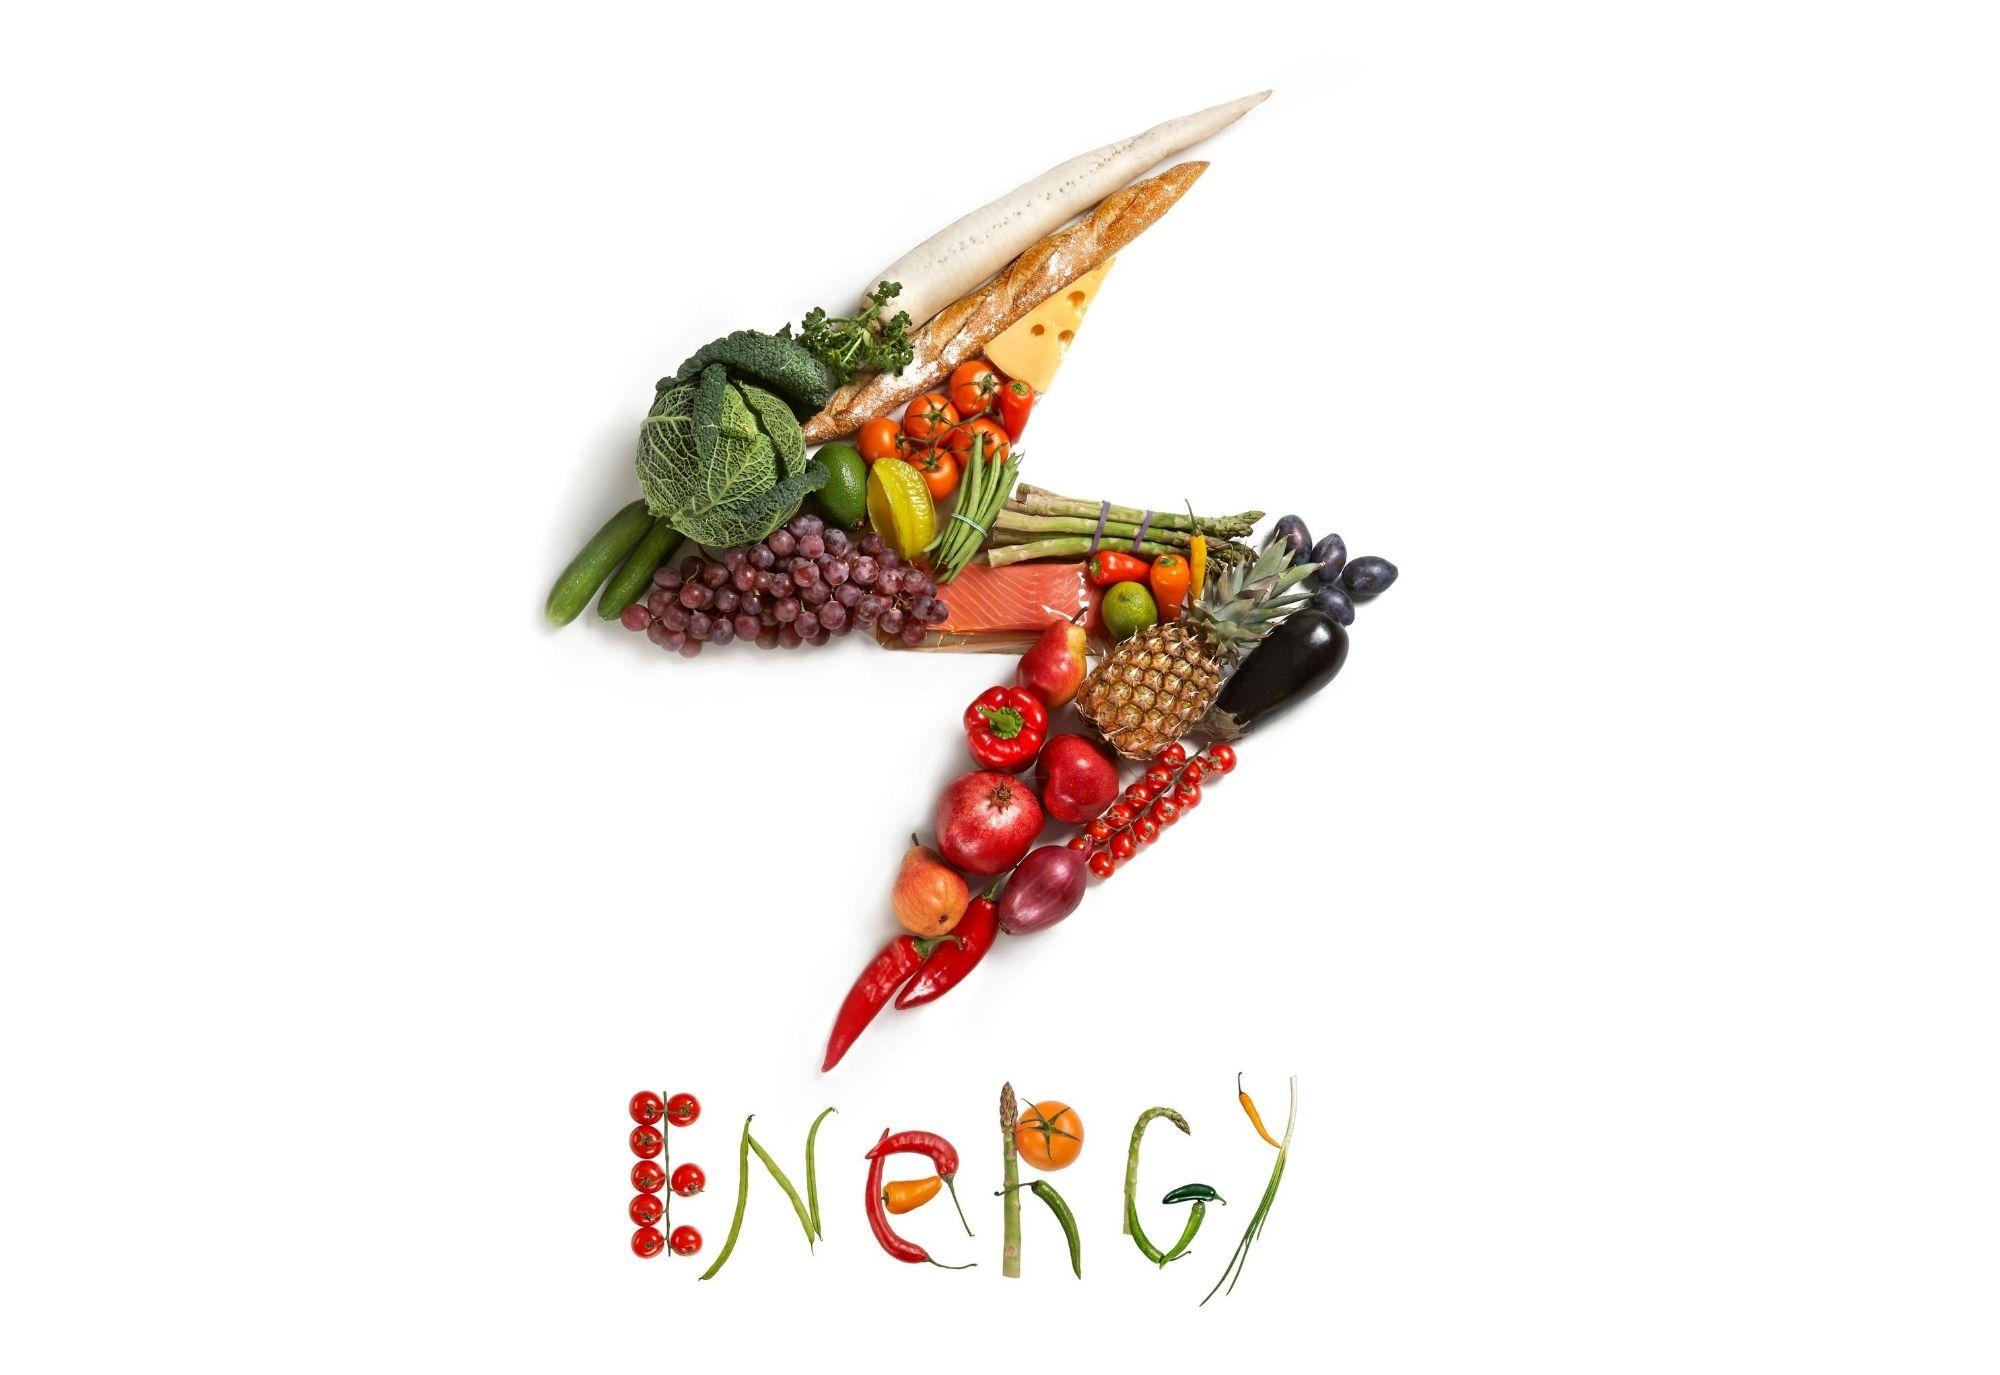 Energy density diet